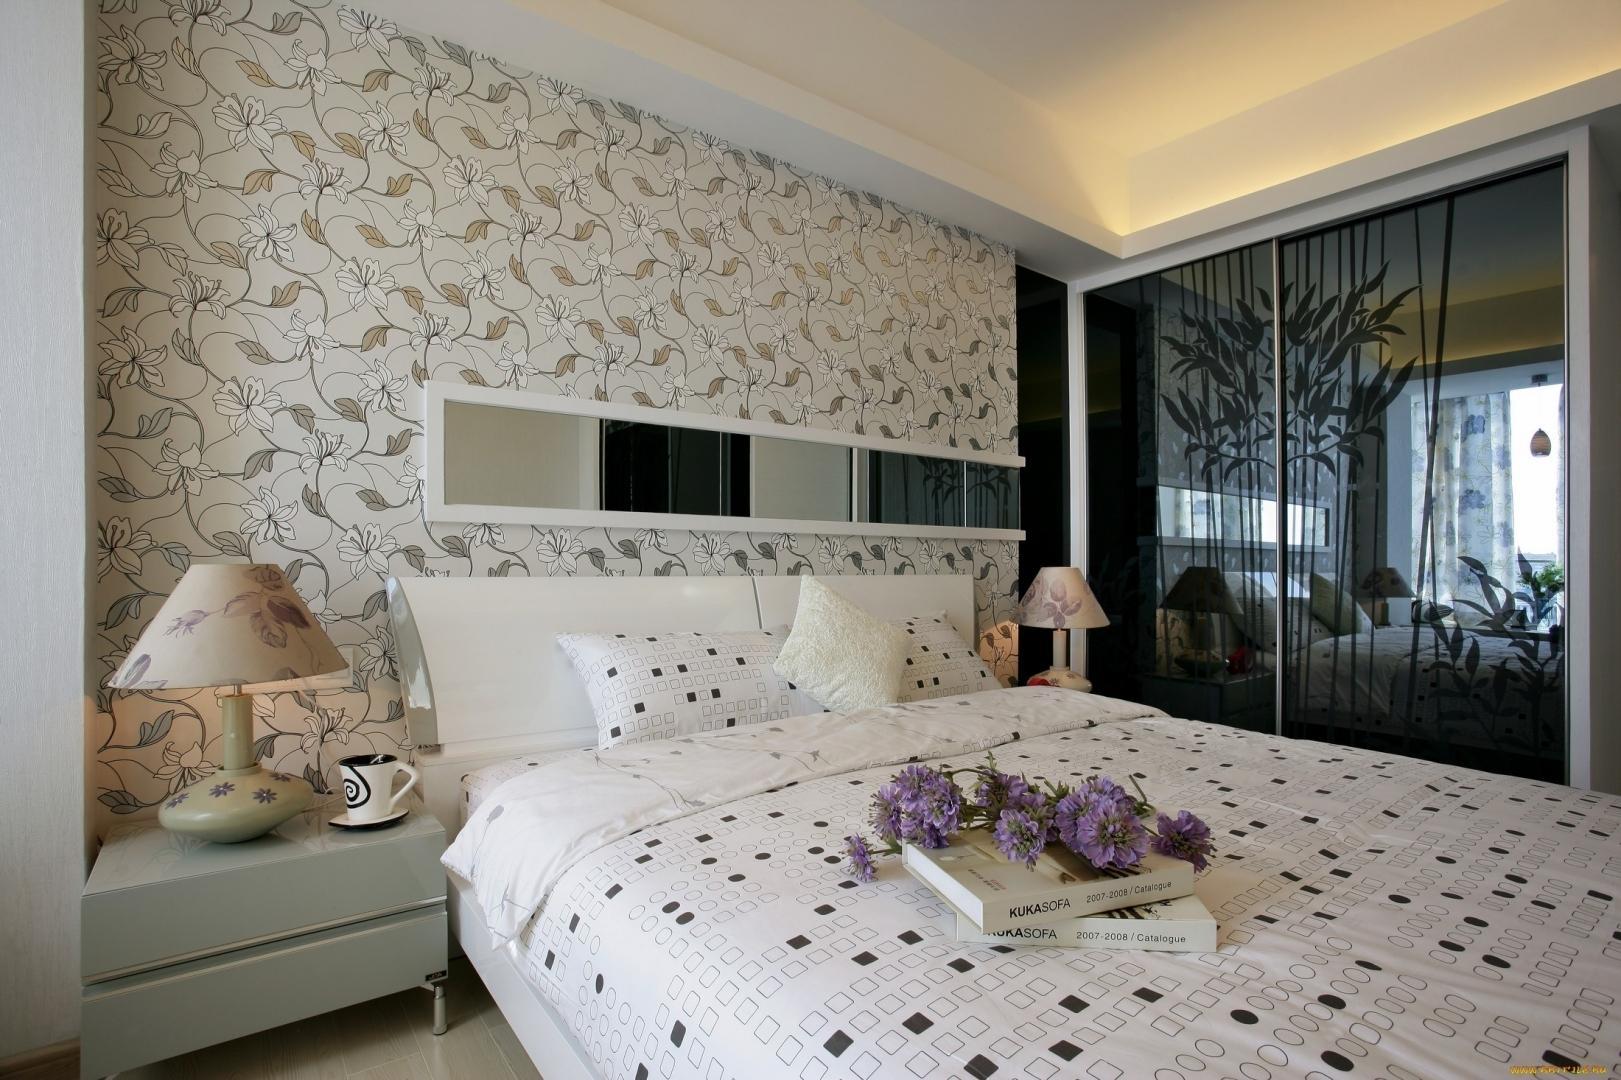 Дизайн спальни – рекомендации по выбору стиля и современные идеи оформления. топ-100 фото новинок дизайна!